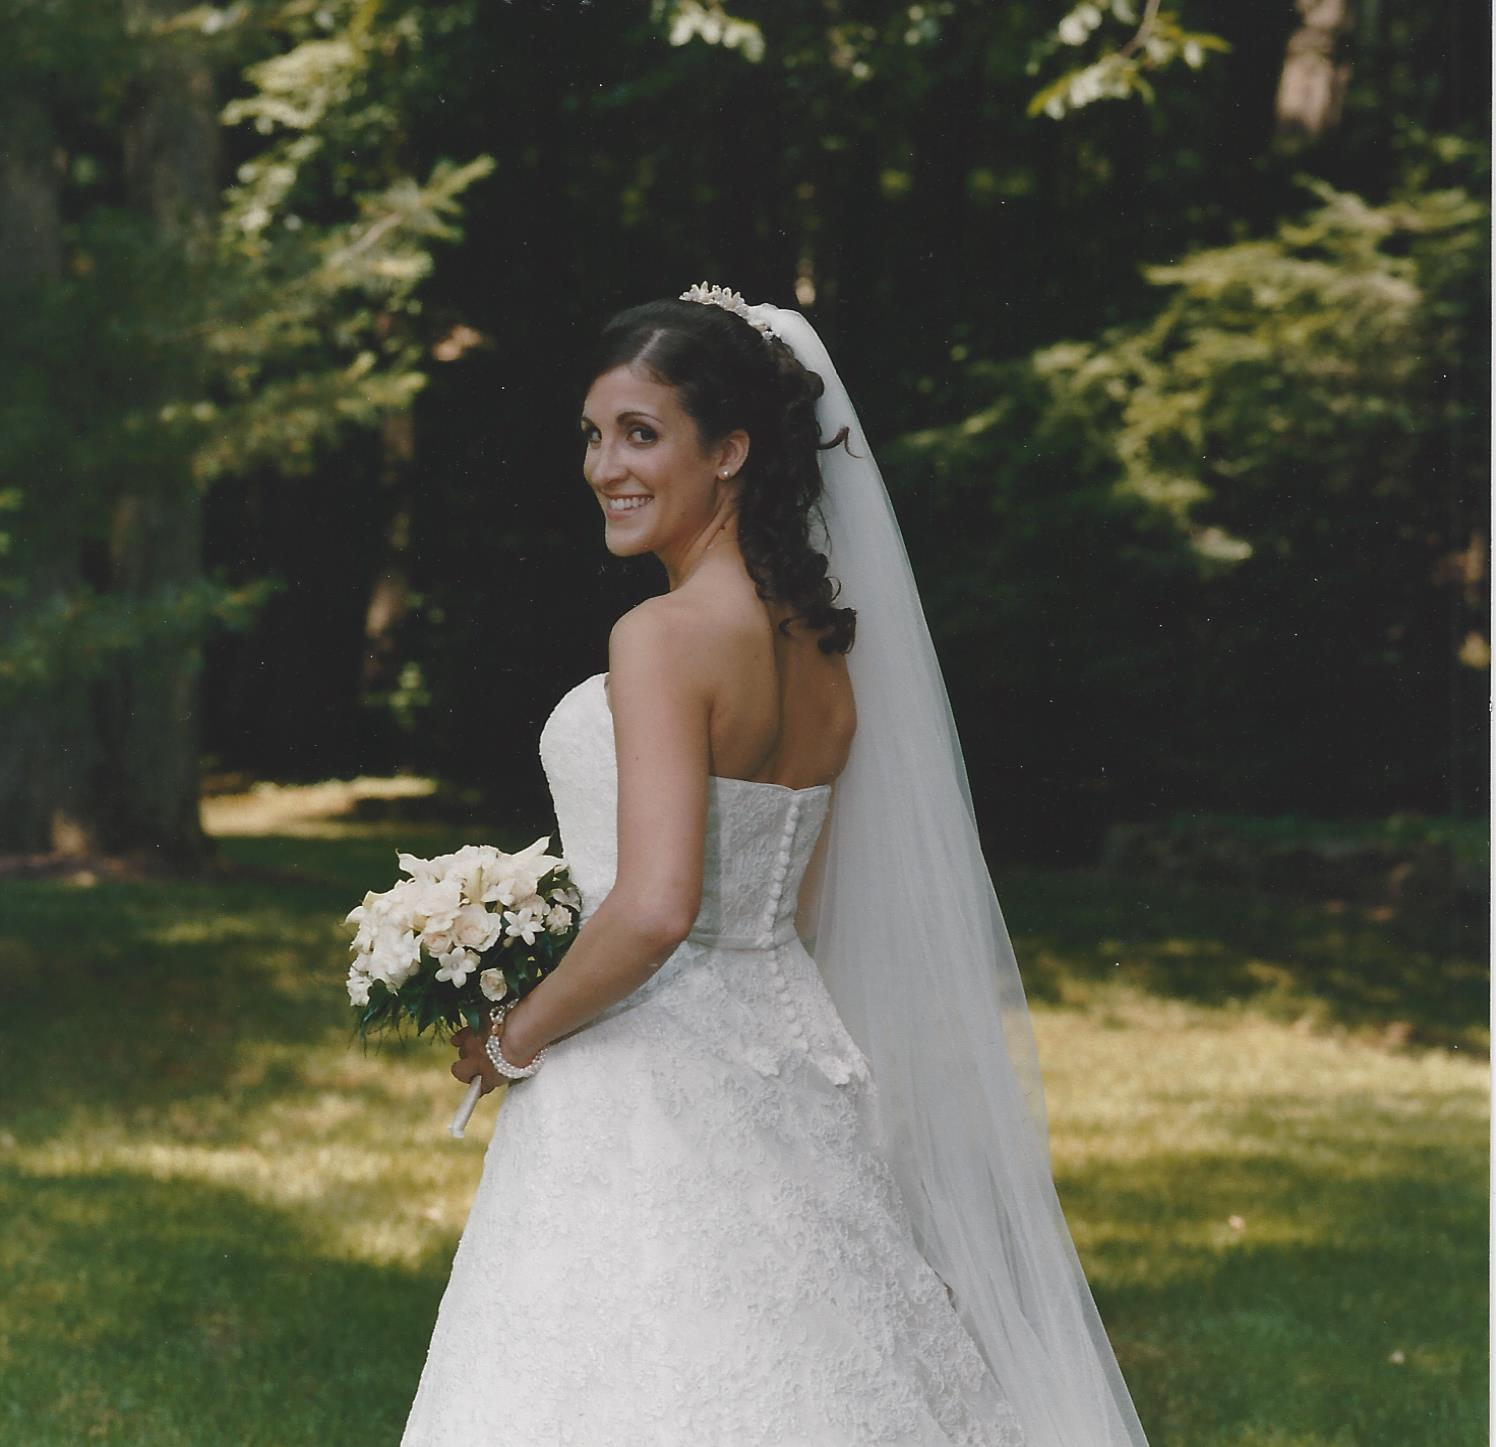 Amy Nazarko Wax Flowers 4.jpg